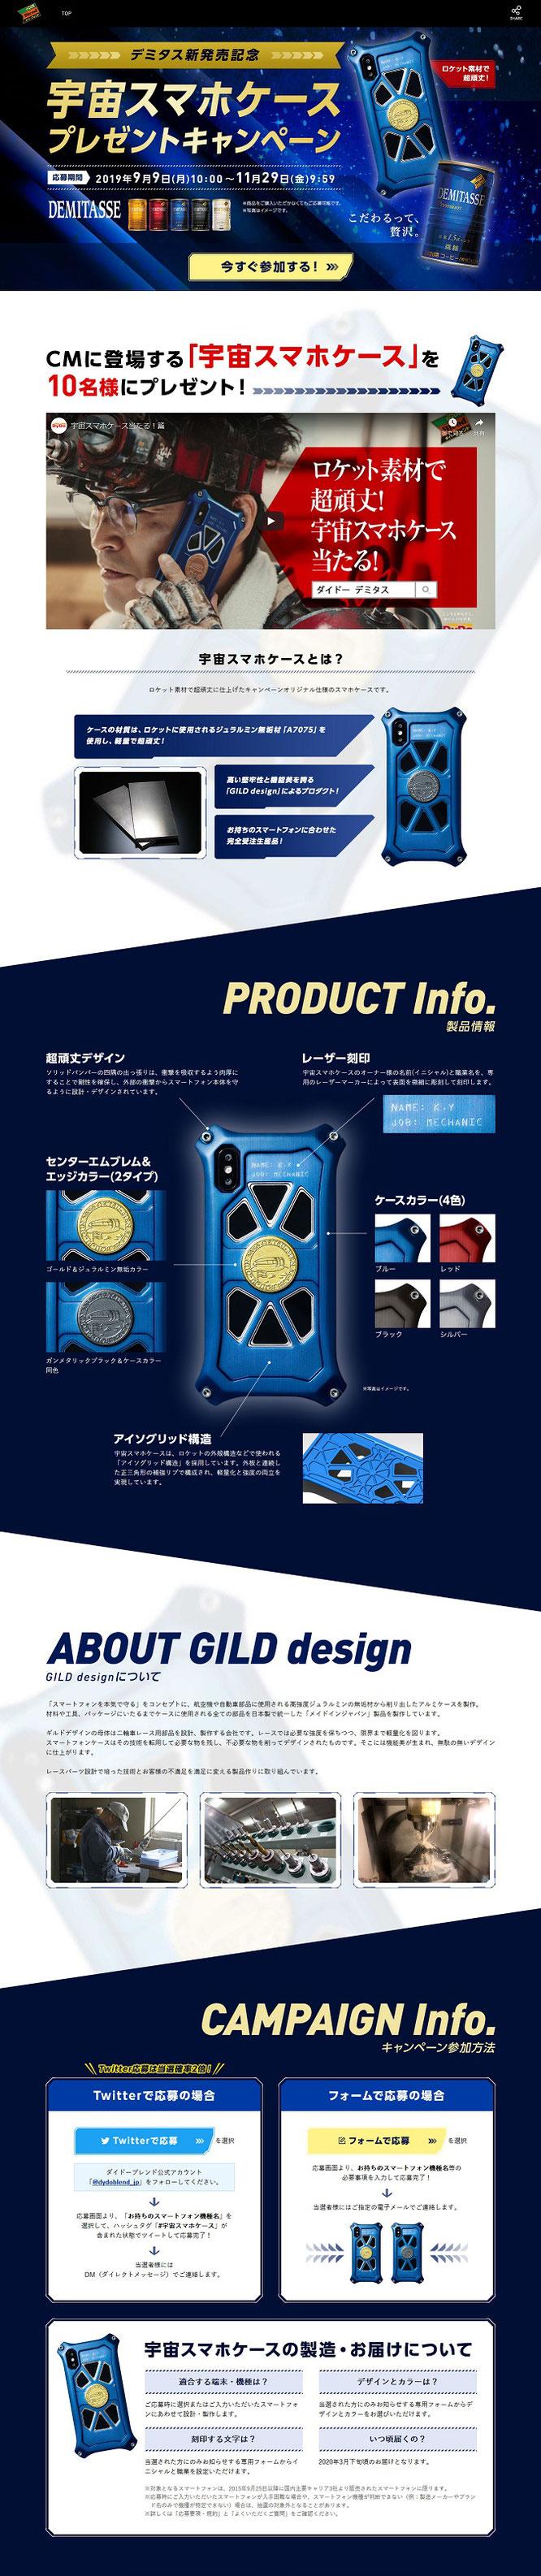 【ダイドー】宇宙スマホケースプレゼントキャンペーン